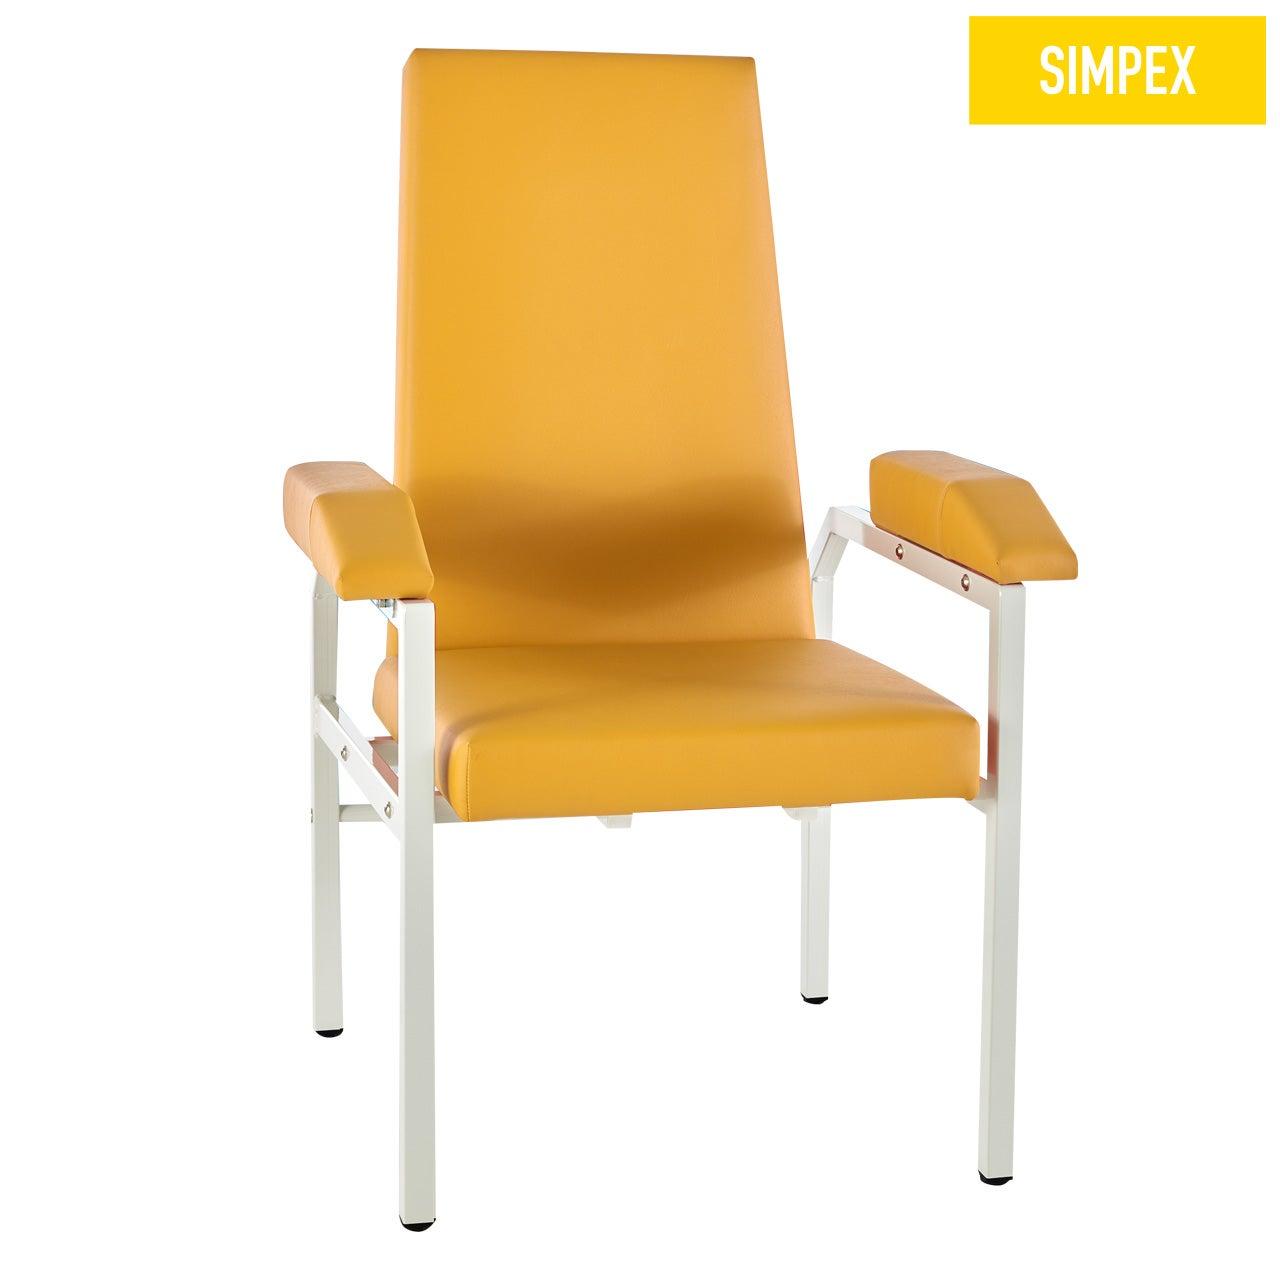 Blutentnahmestuhl Sessel HAEMO-STAT Cuneo XXL mit Kunstleder in gelb (mais) und einem Gestell aus Stahl grauweiß gepulvert von SIMPEX